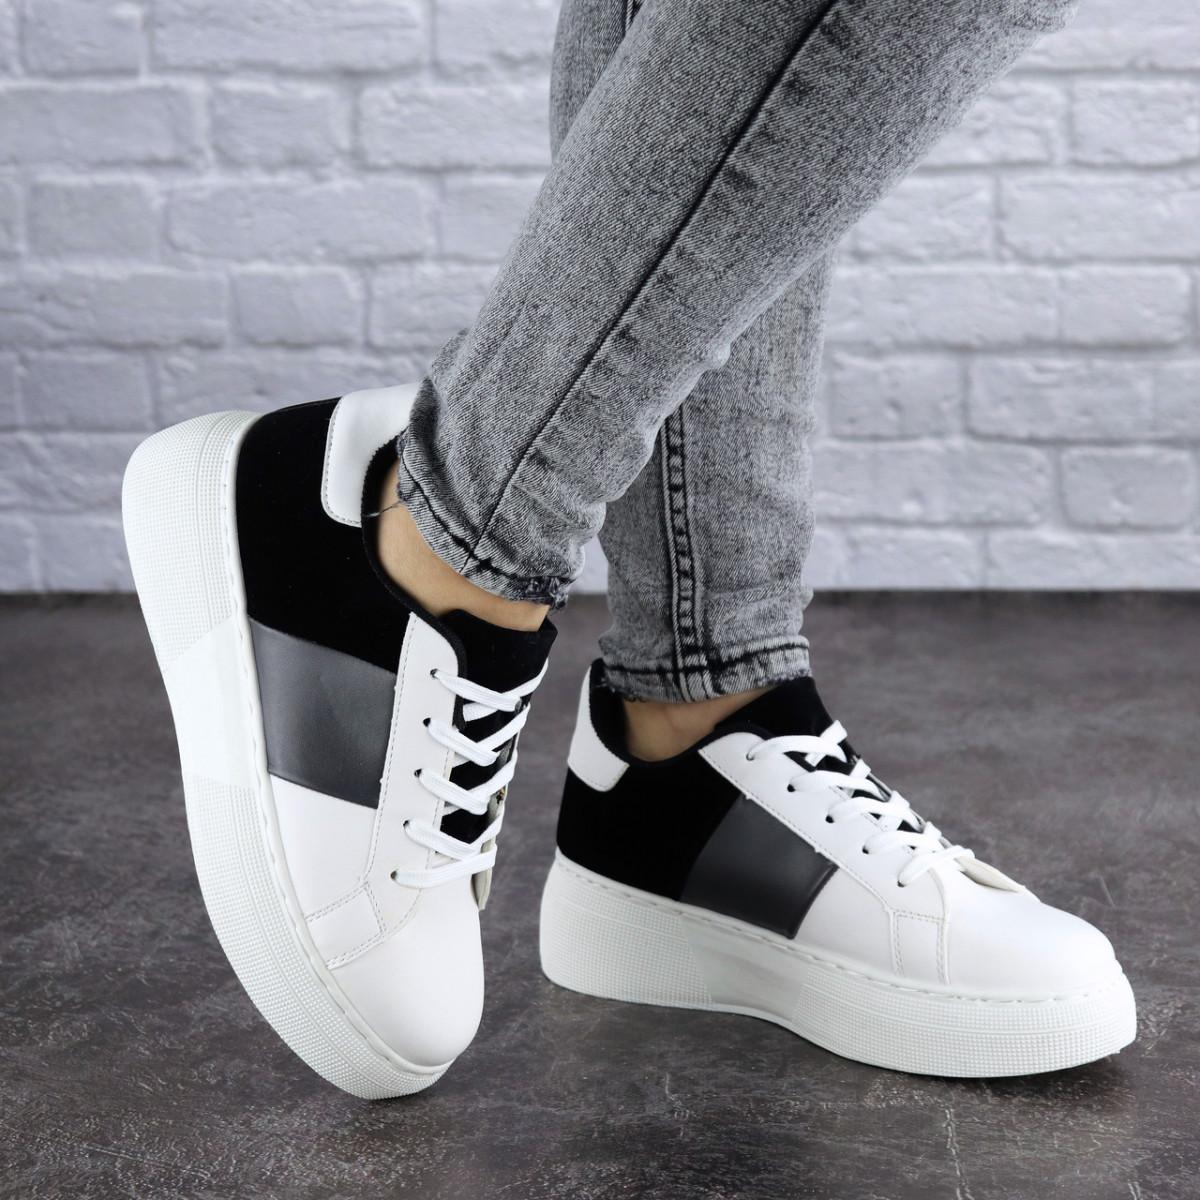 Жіночі стильні кросівки Fashion Rory 1169 36 розмір 23 см Білий